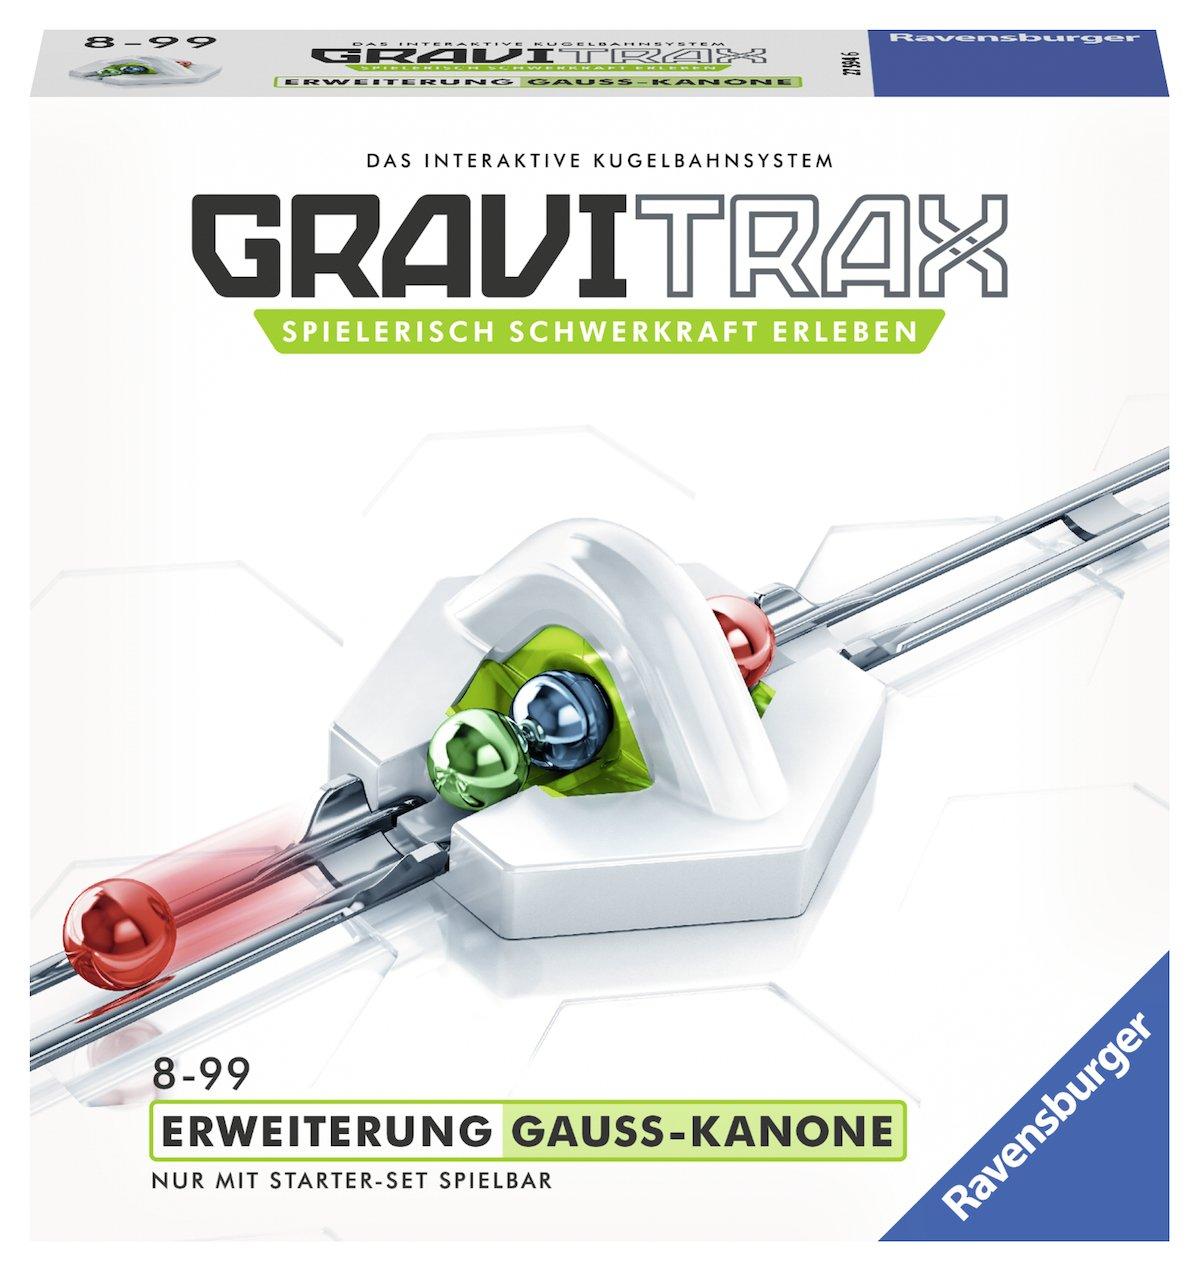 GraviTrax Ravensburger 27594 Gauss Kanone Konstruktionsspielzeug Ravensburger Spielverlag